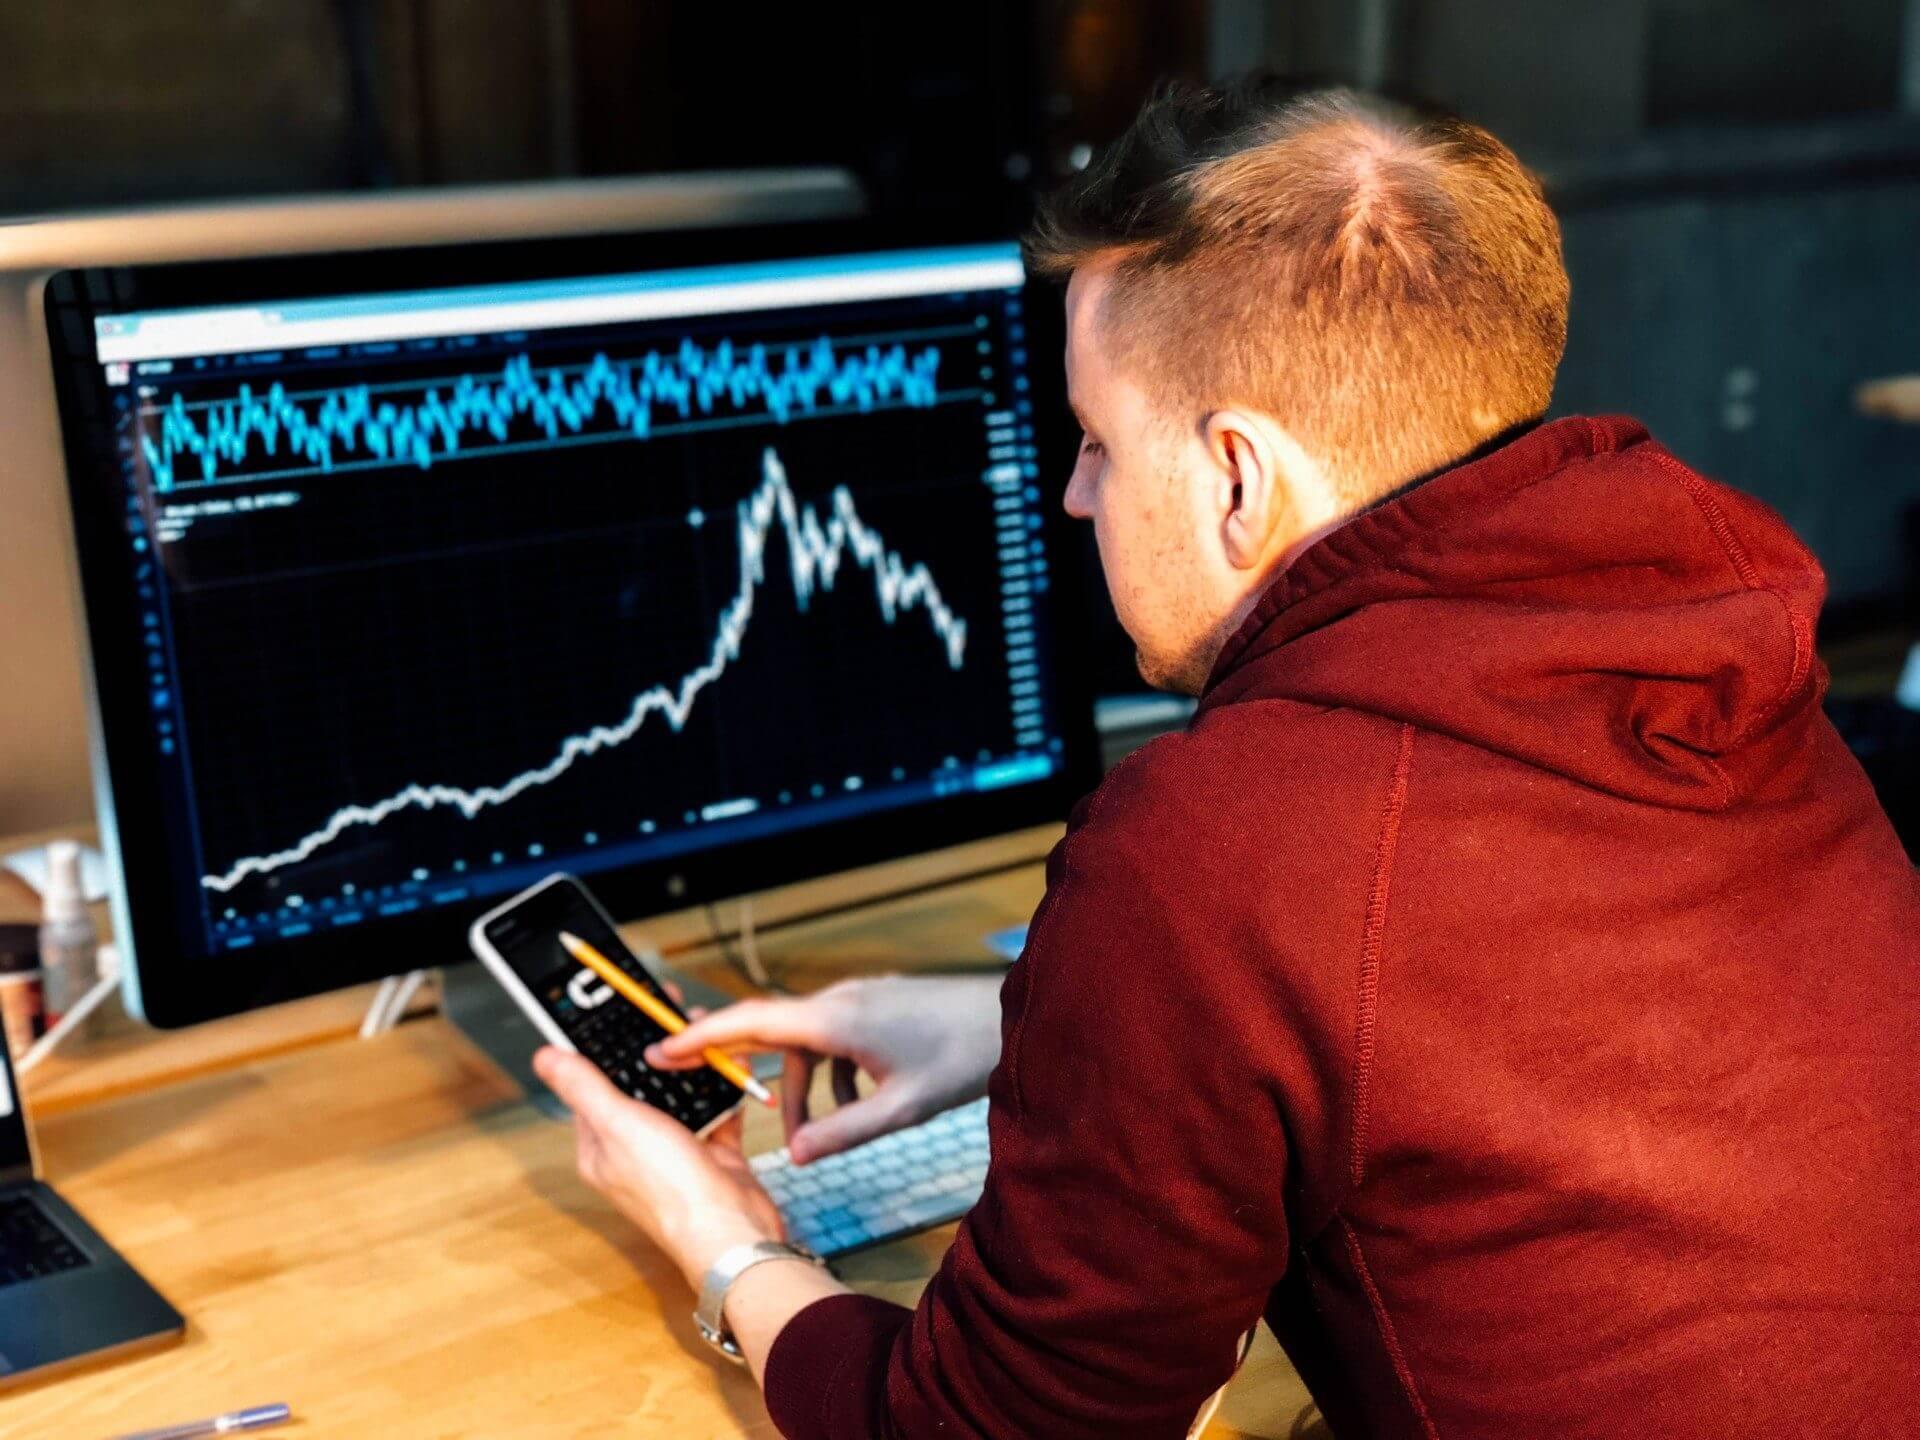 18.09.20 Stratégia Trader 2.0 je spustená!